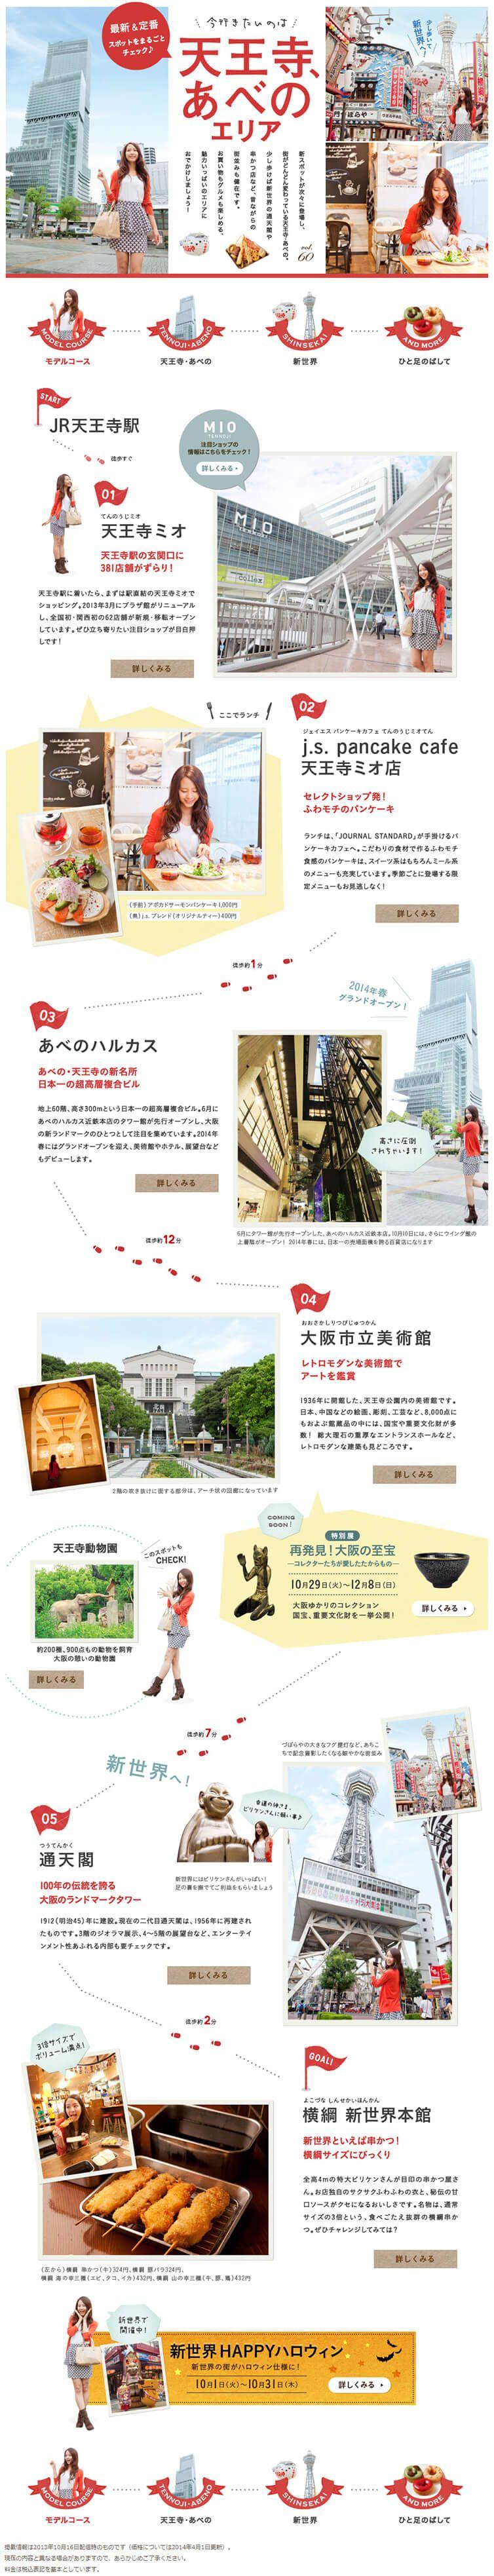 JR西日本西日本旅客鉃道株式会社様の「天王寺、あべのエリア」のランディングページ(LP)シンプル系|診断・マッチング・まとめ